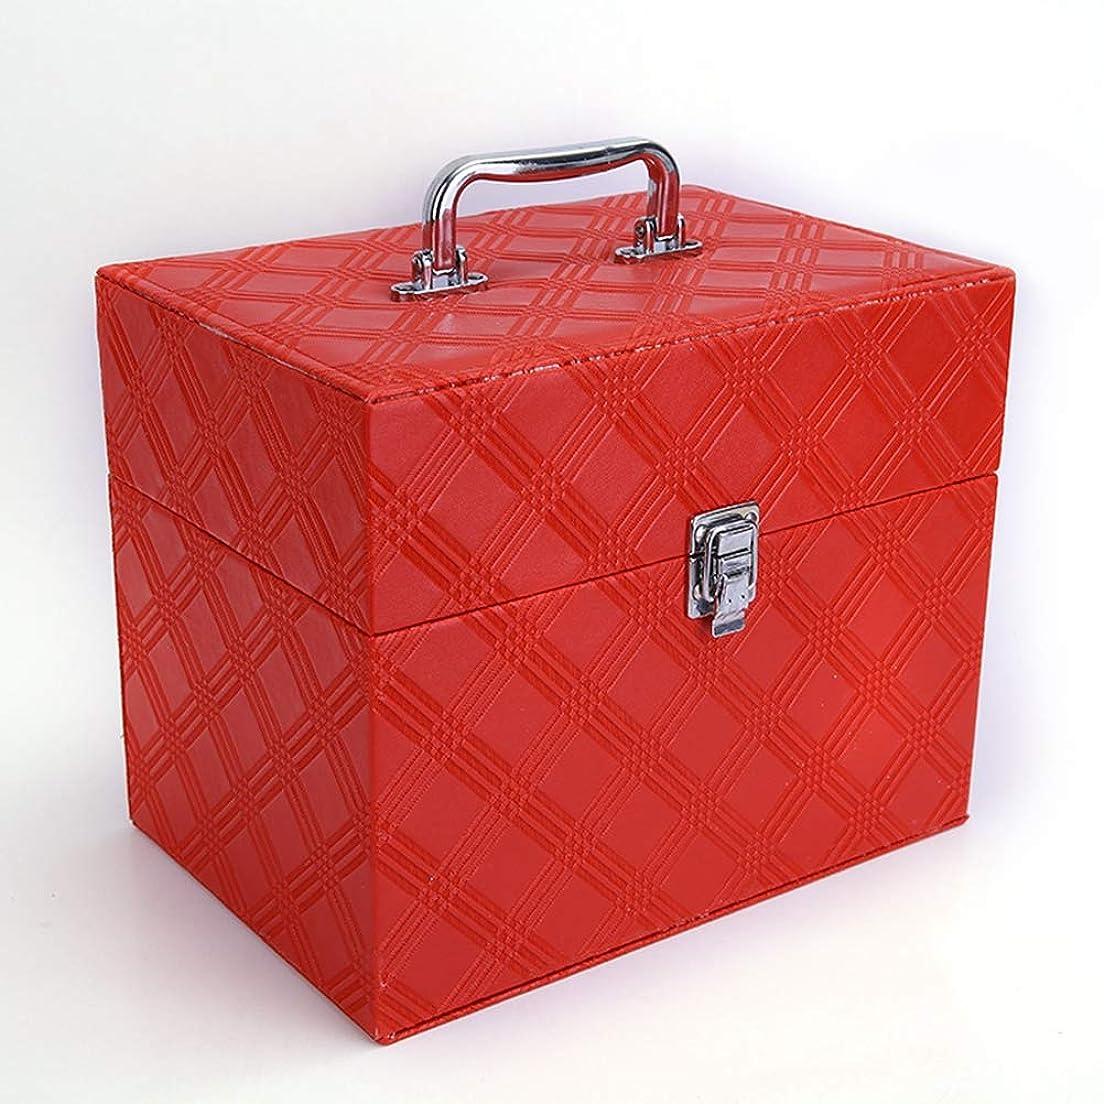 バクテリア不実びんメイクボックス コスメボックス 化粧品入れ 化粧箱 大容量 プロ用 ミラ付き 化粧道具入れ 収納ケース 防水 小物入れ 自宅?出張?旅行 持ち運び ハンドル付き 収納ボックス ロック付き 安全